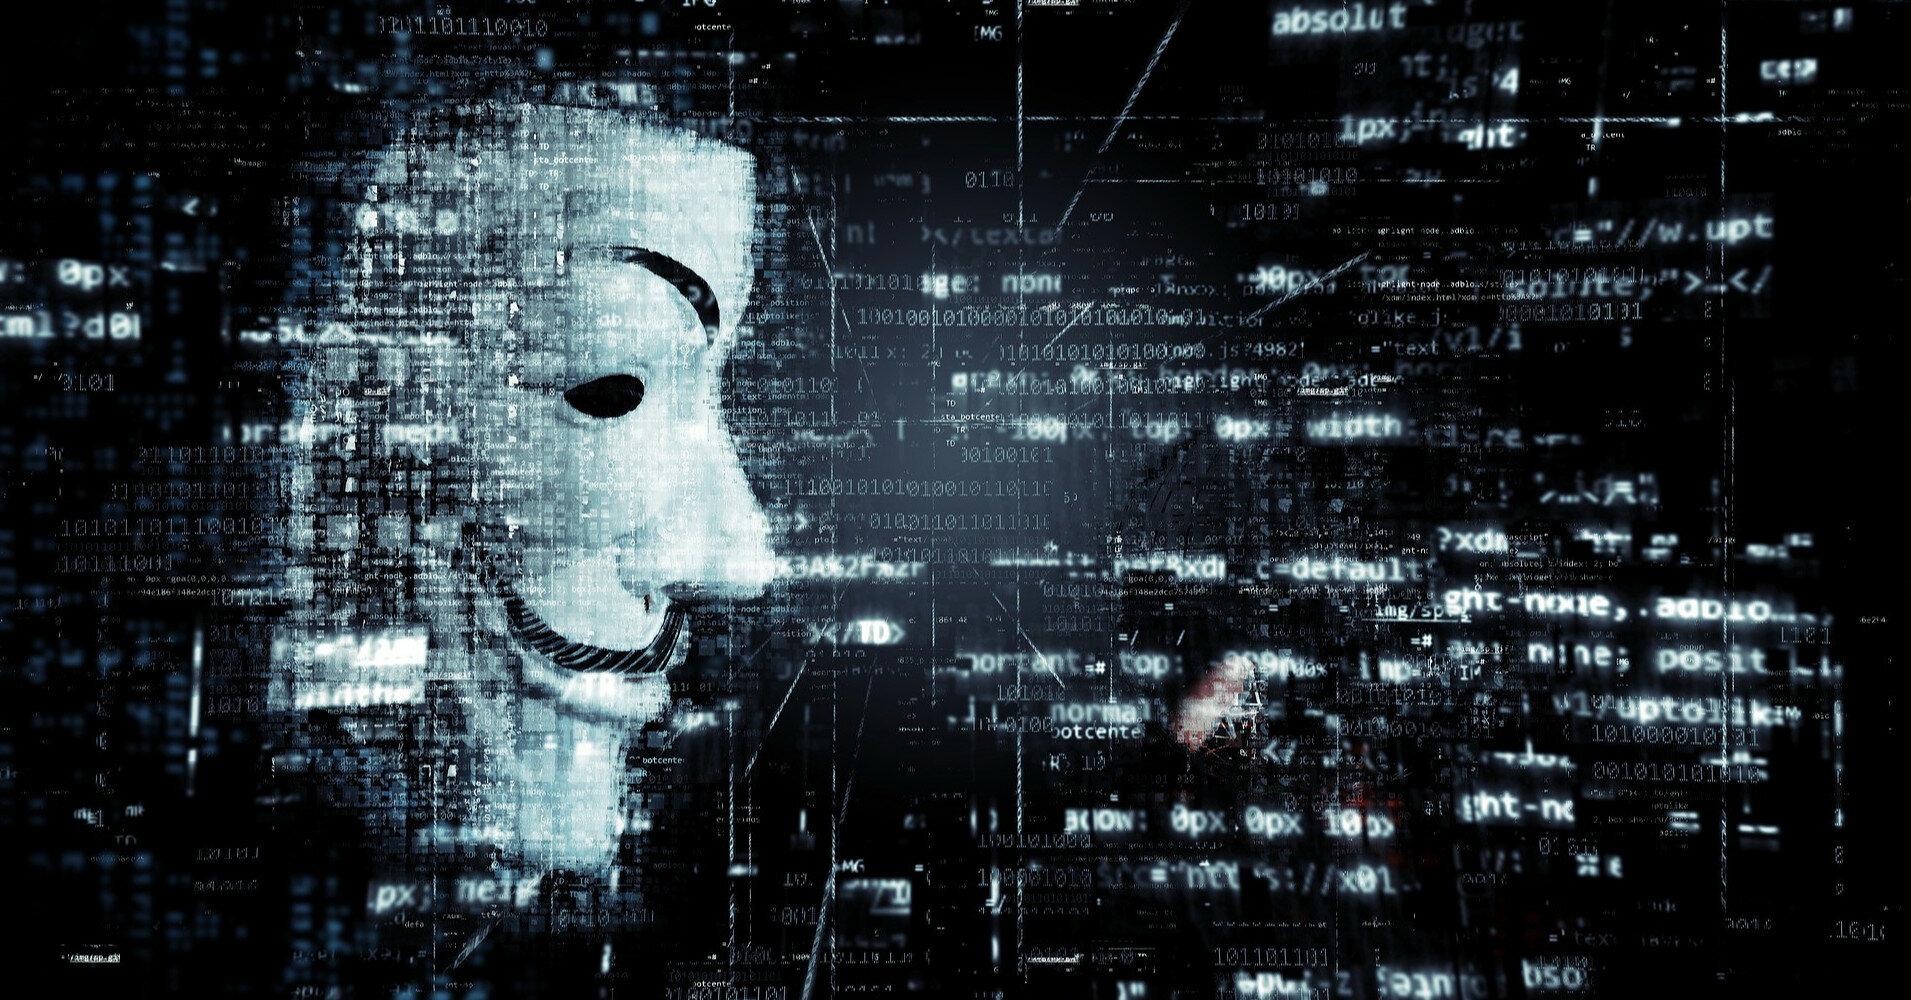 Хакеры атаковали крупнейшую нефтекомпанию Саудовской Аравии